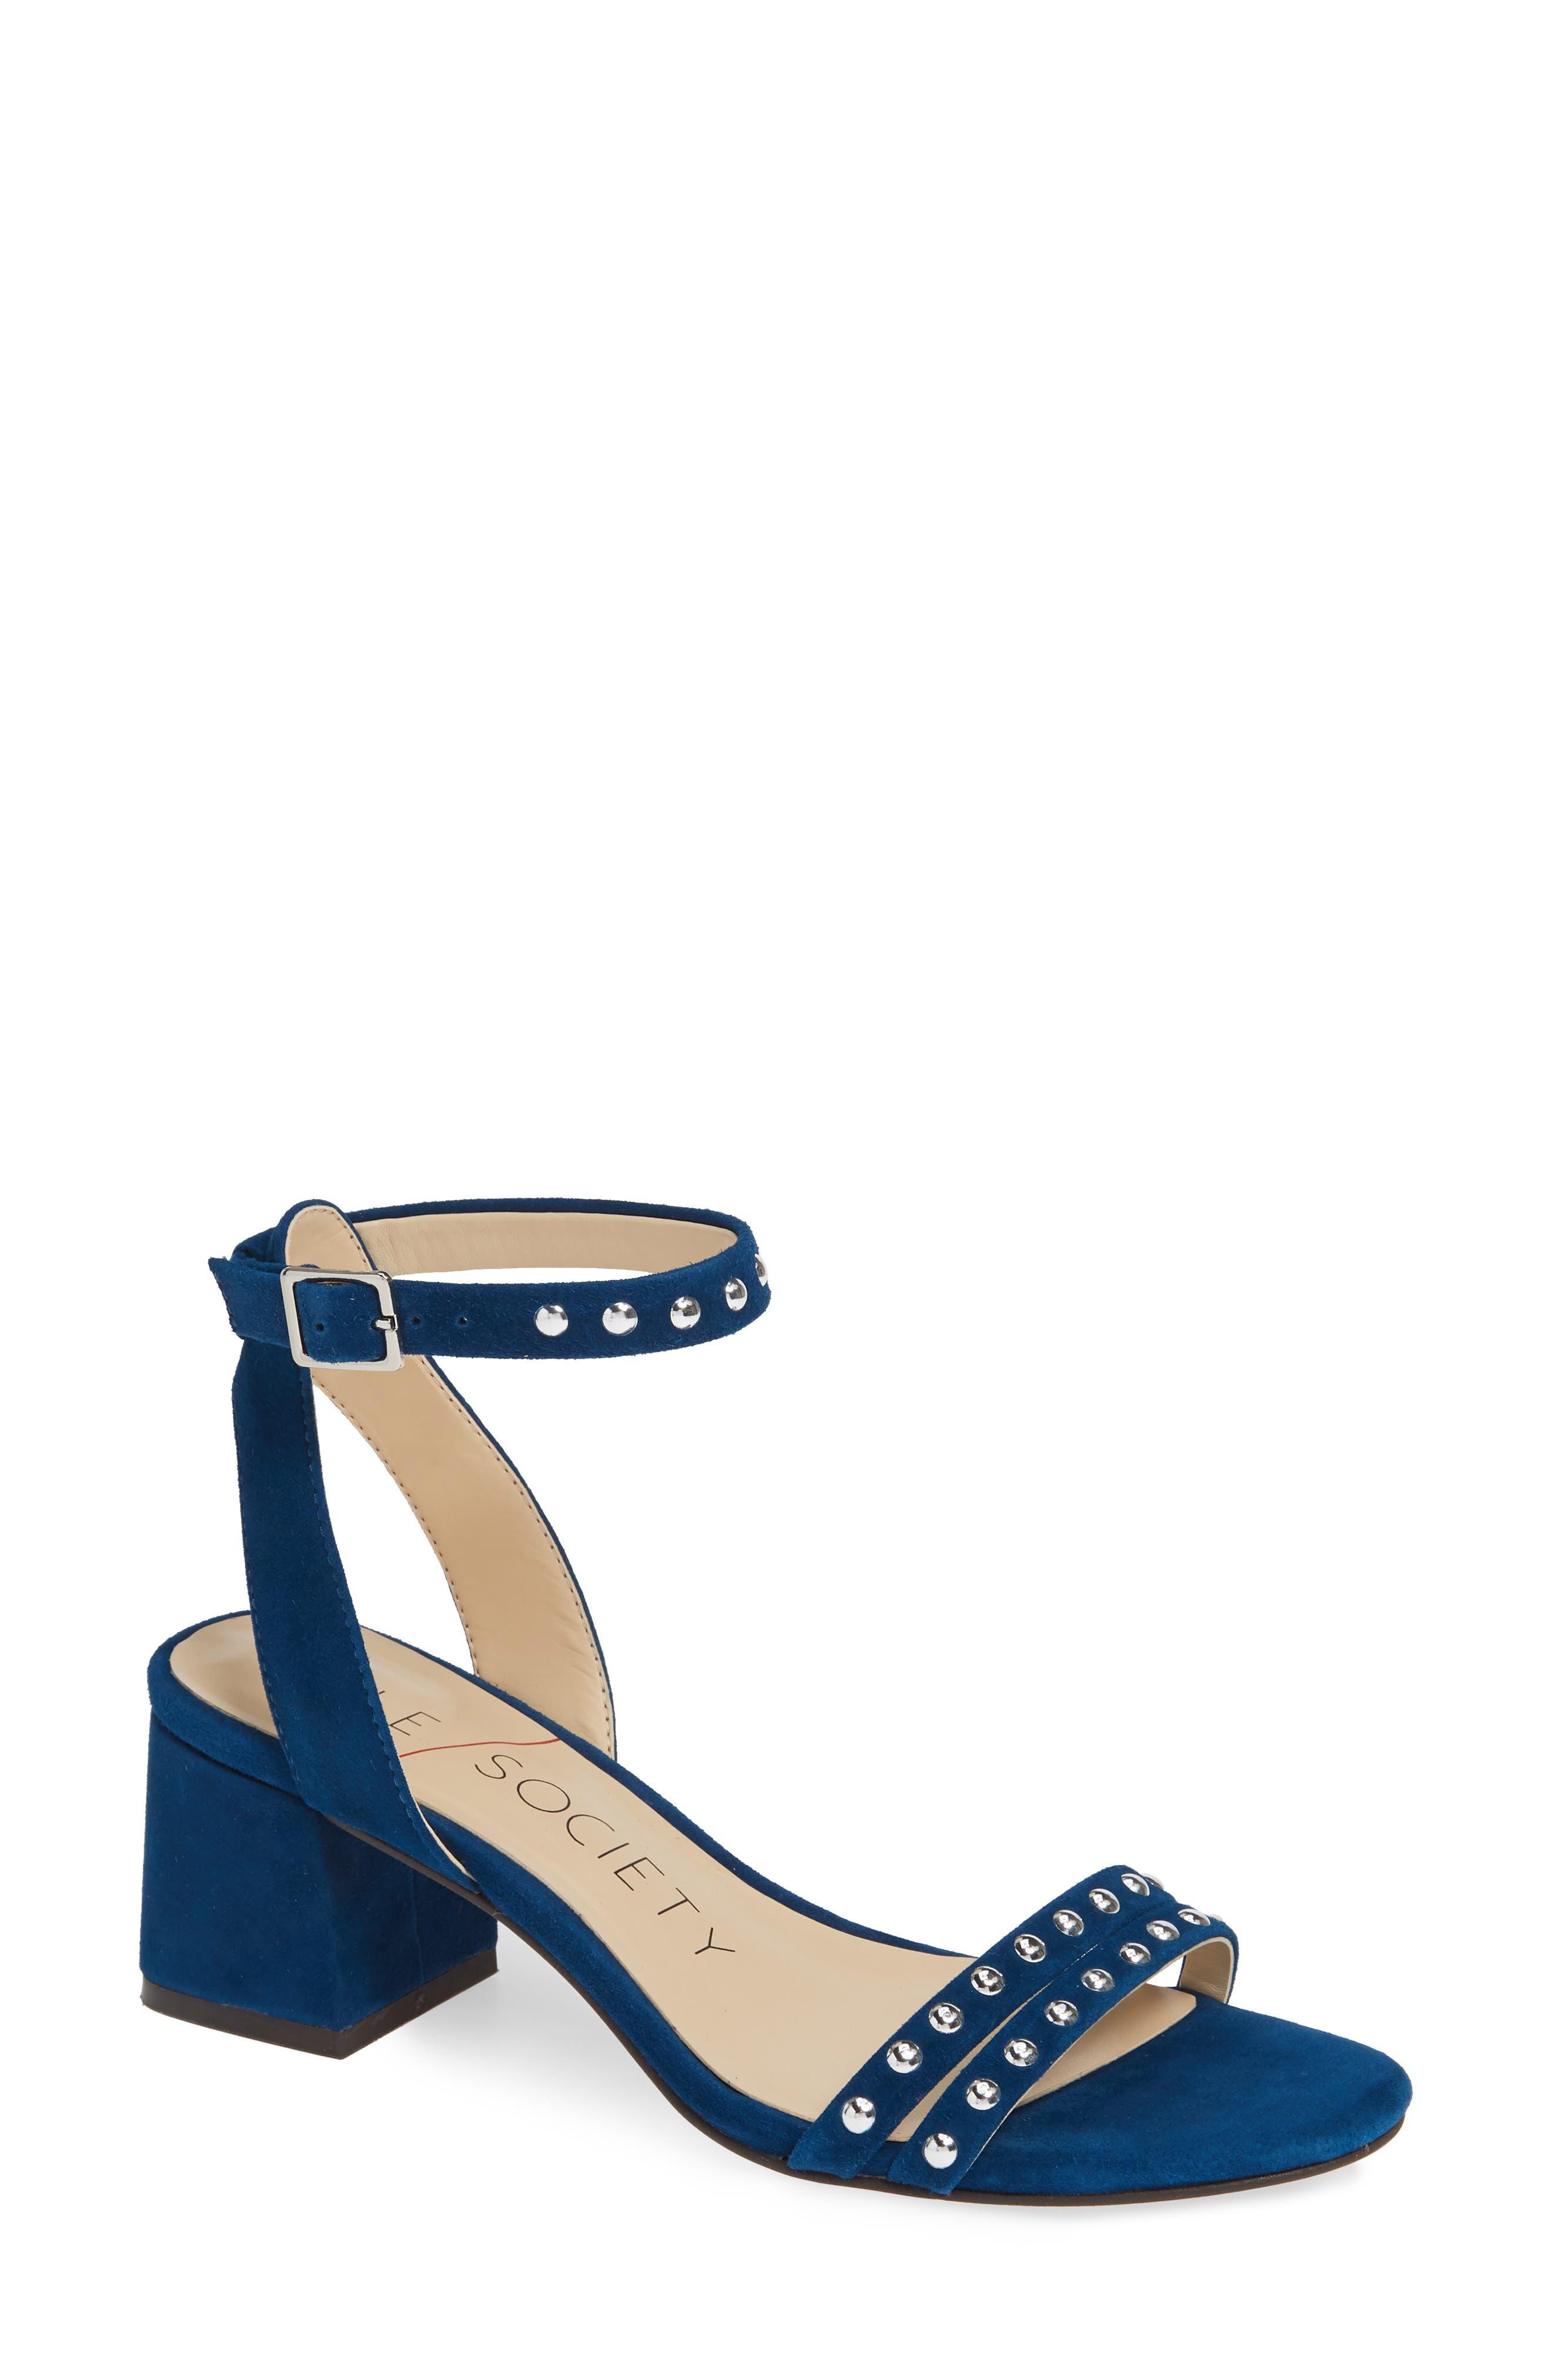 Sole Society Hezzter Studded Sandal